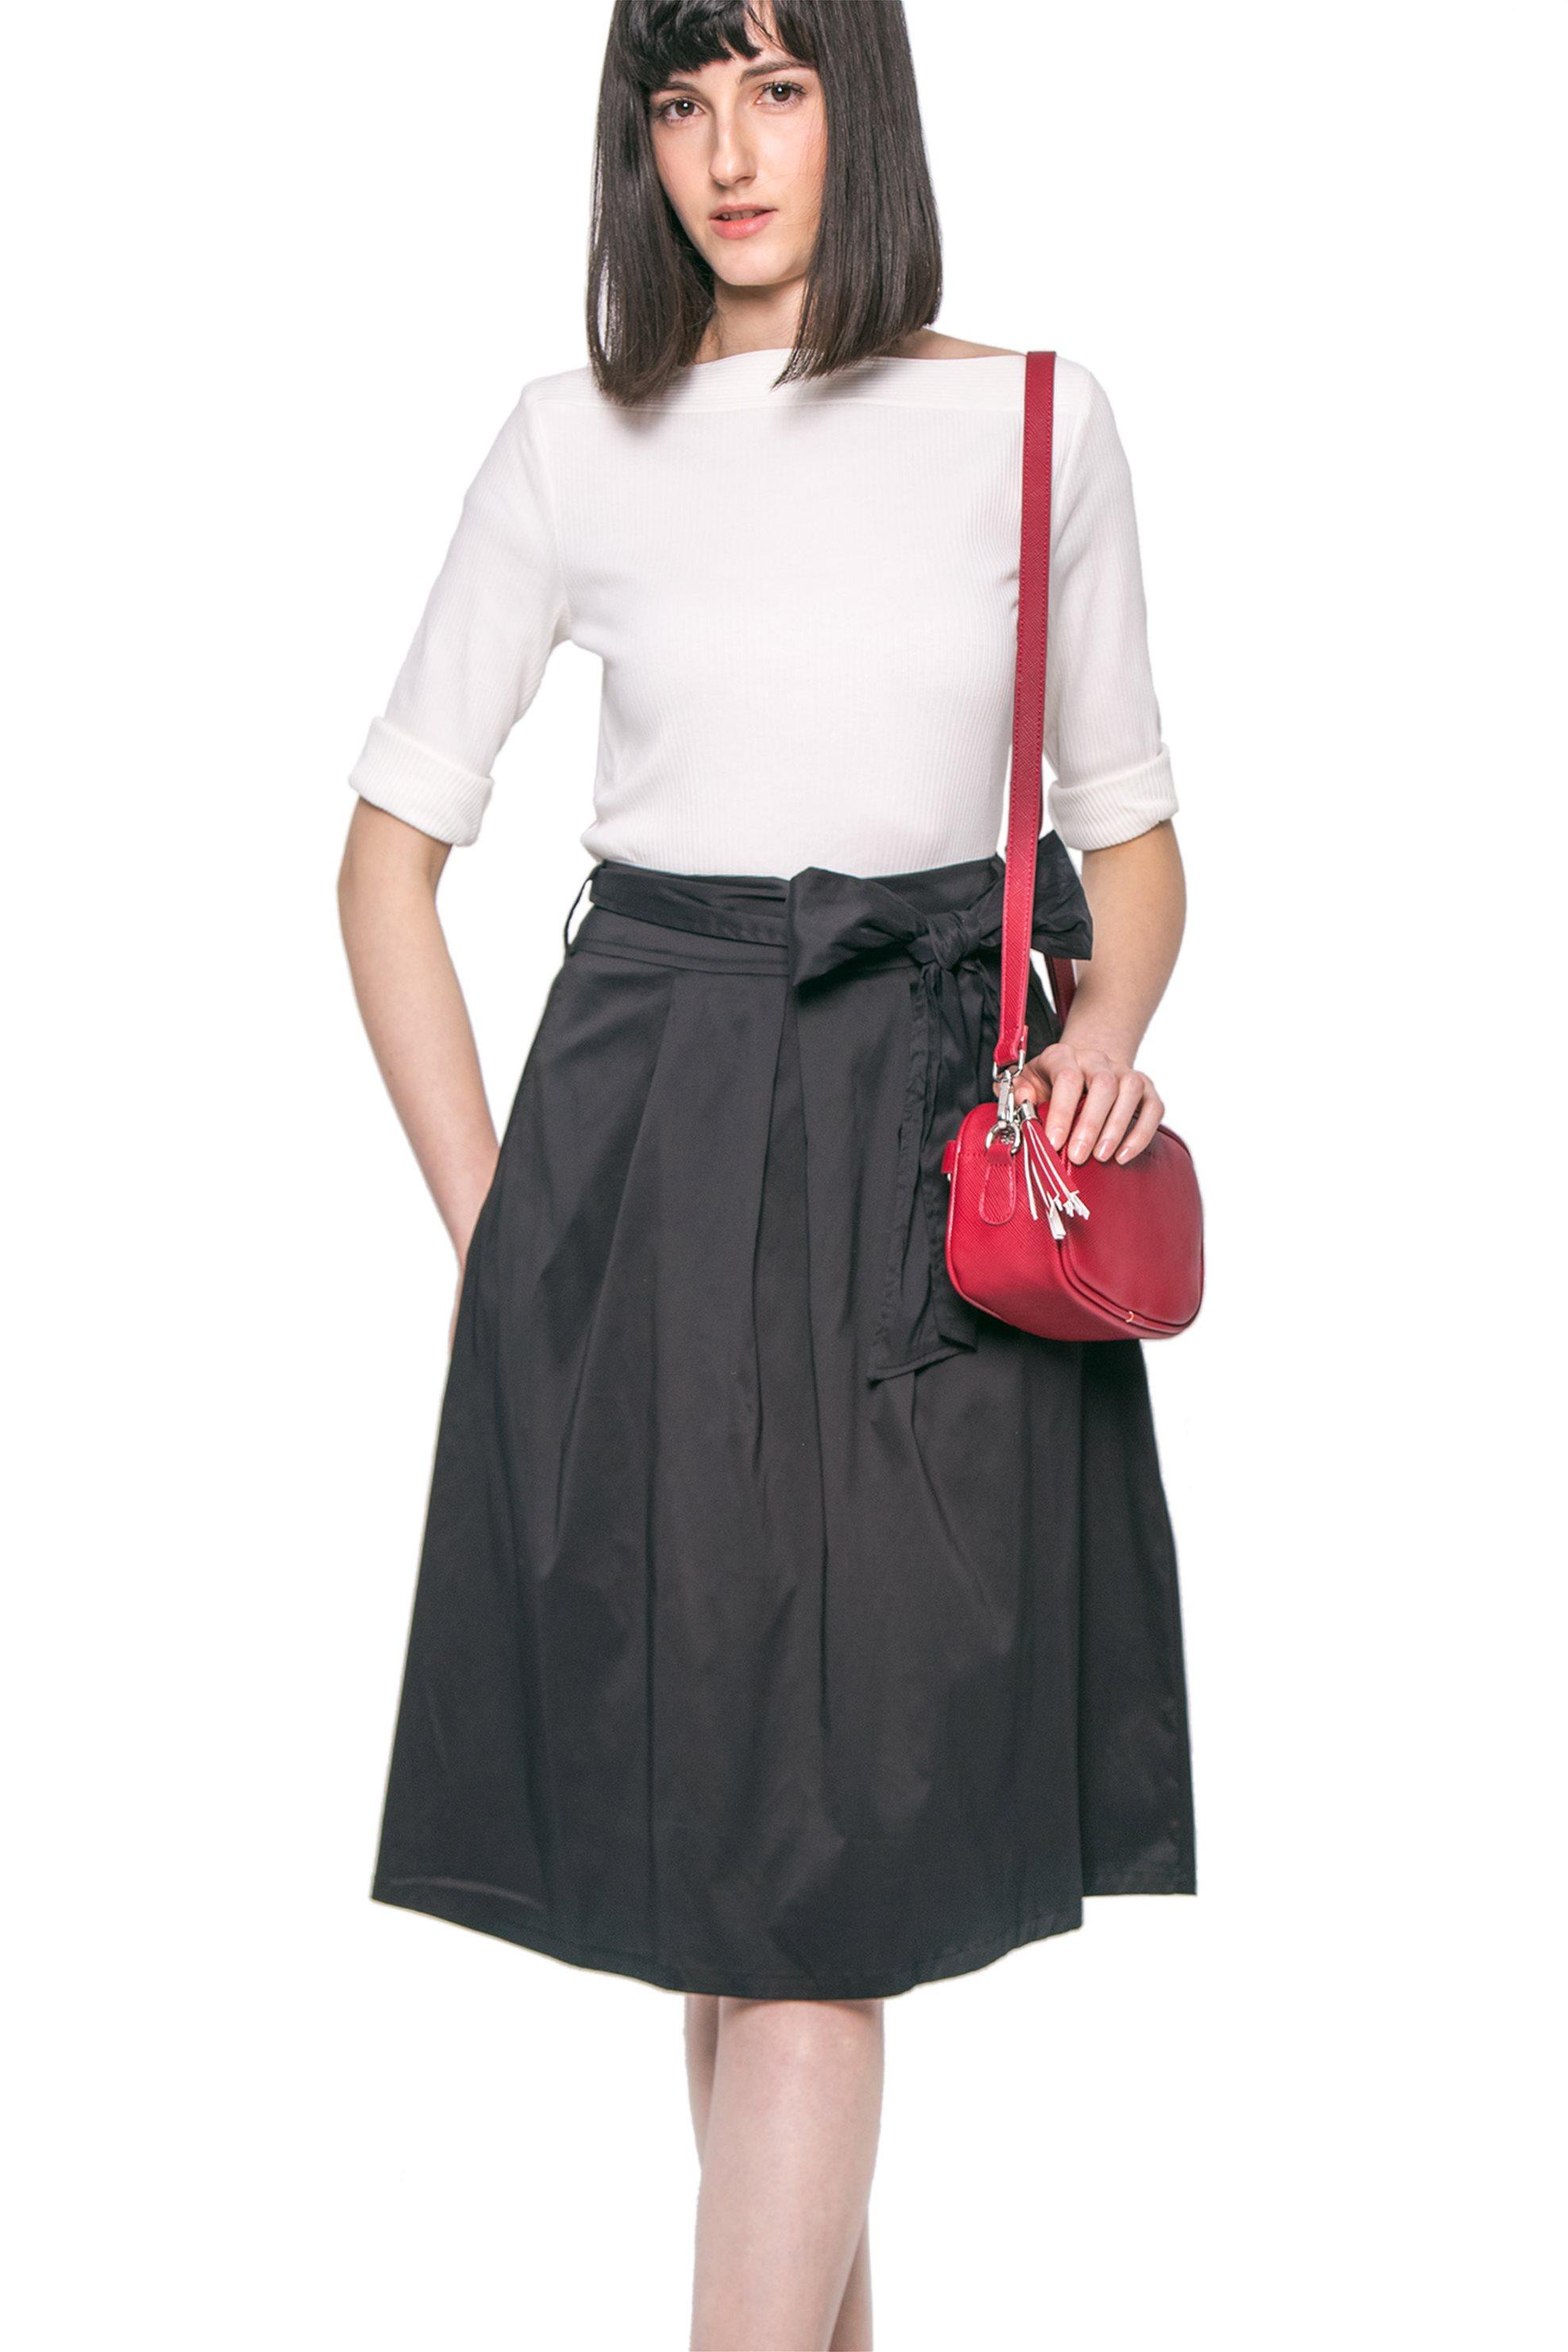 Γυναικεία   Ρούχα   Φούστες   Καθημερινές   FIGL κομψη φουστα με ... a0e61b72f2c